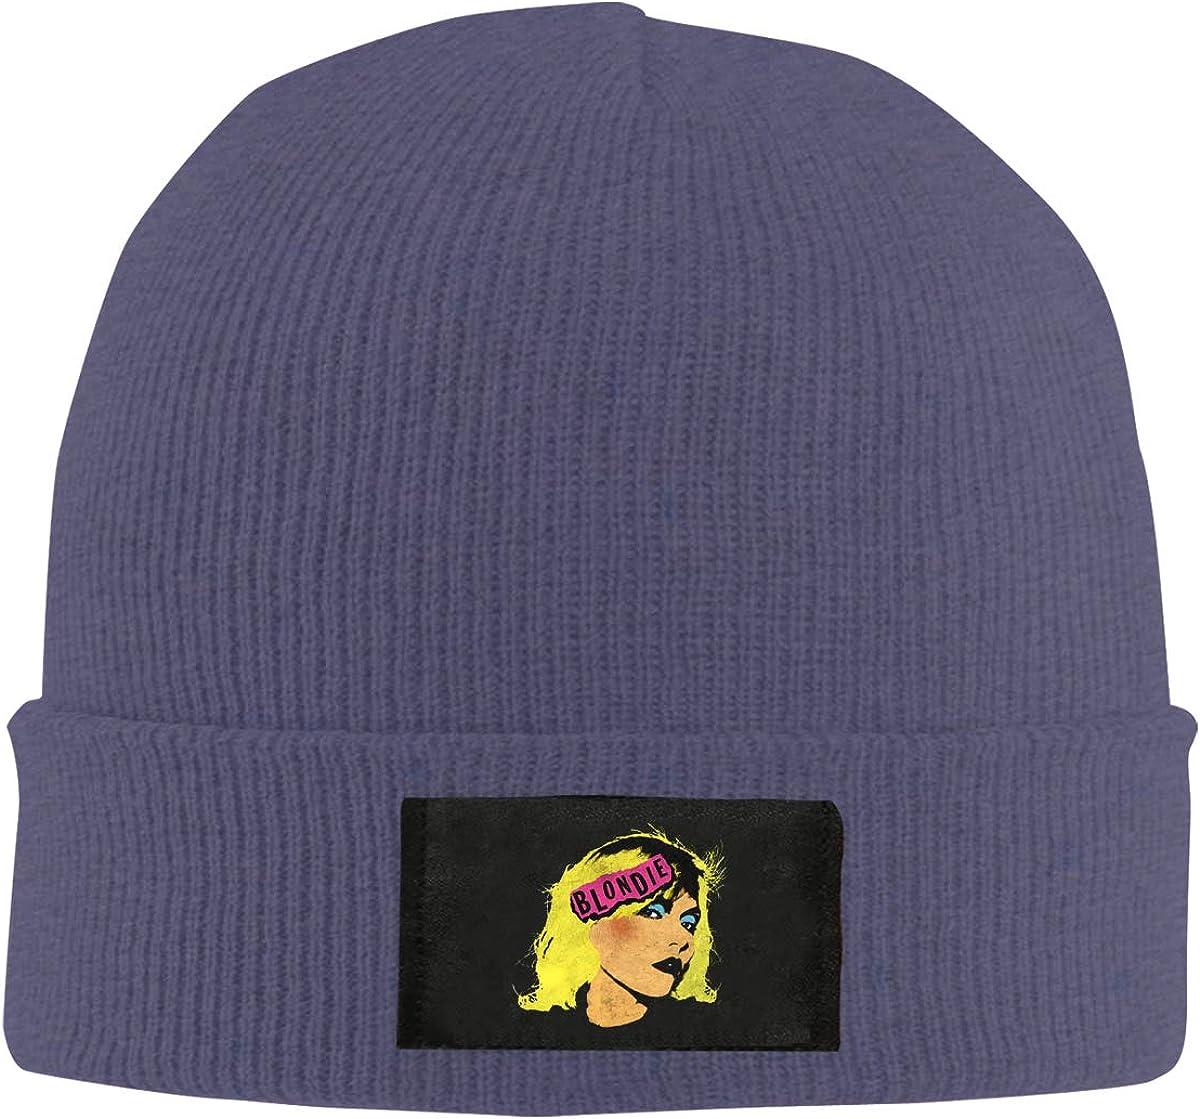 Wanmei Wild Knitted Hat Blondie Hut Aus Wolle Black